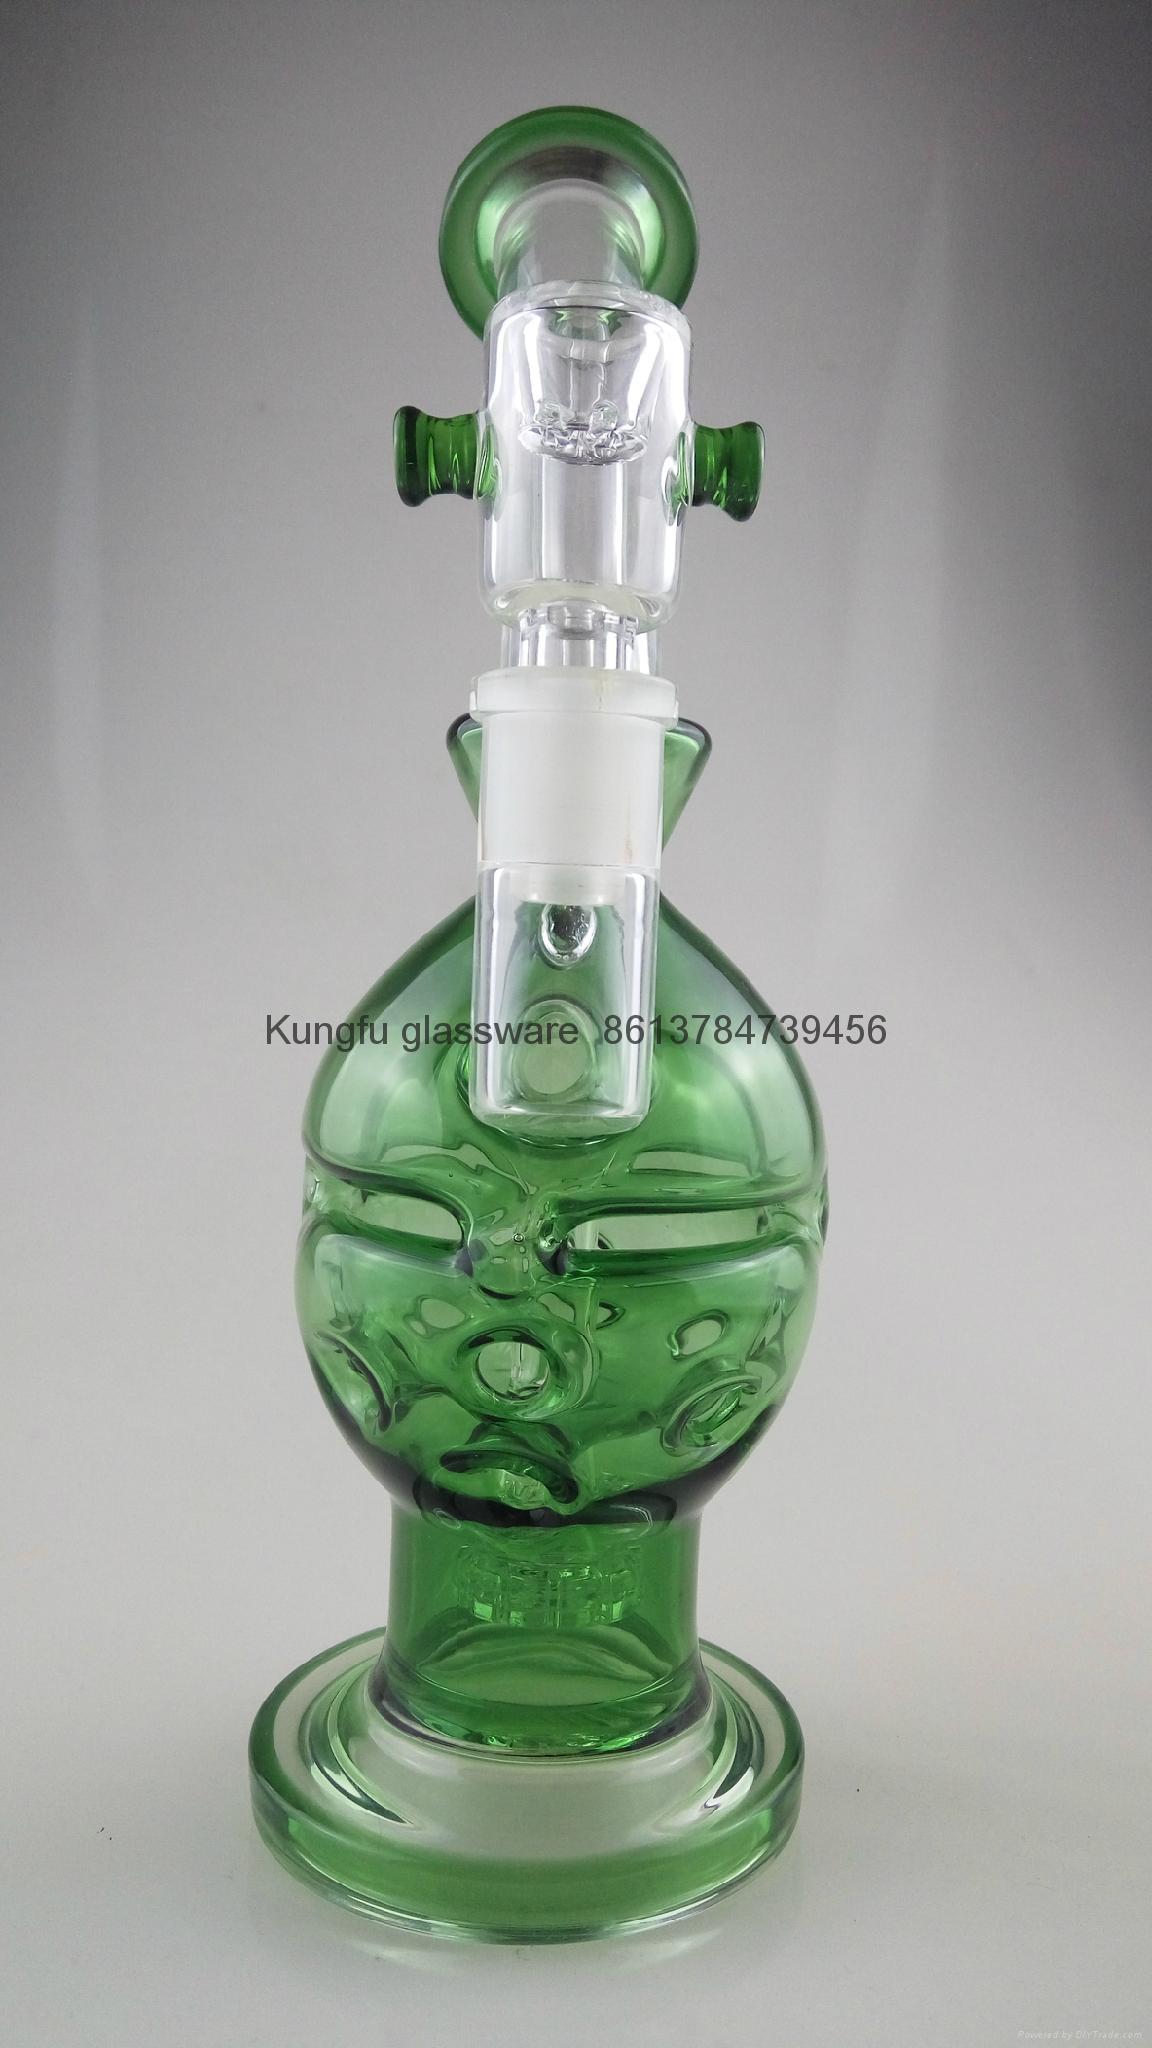 新款高硼硅玻璃烟枪水烟 1